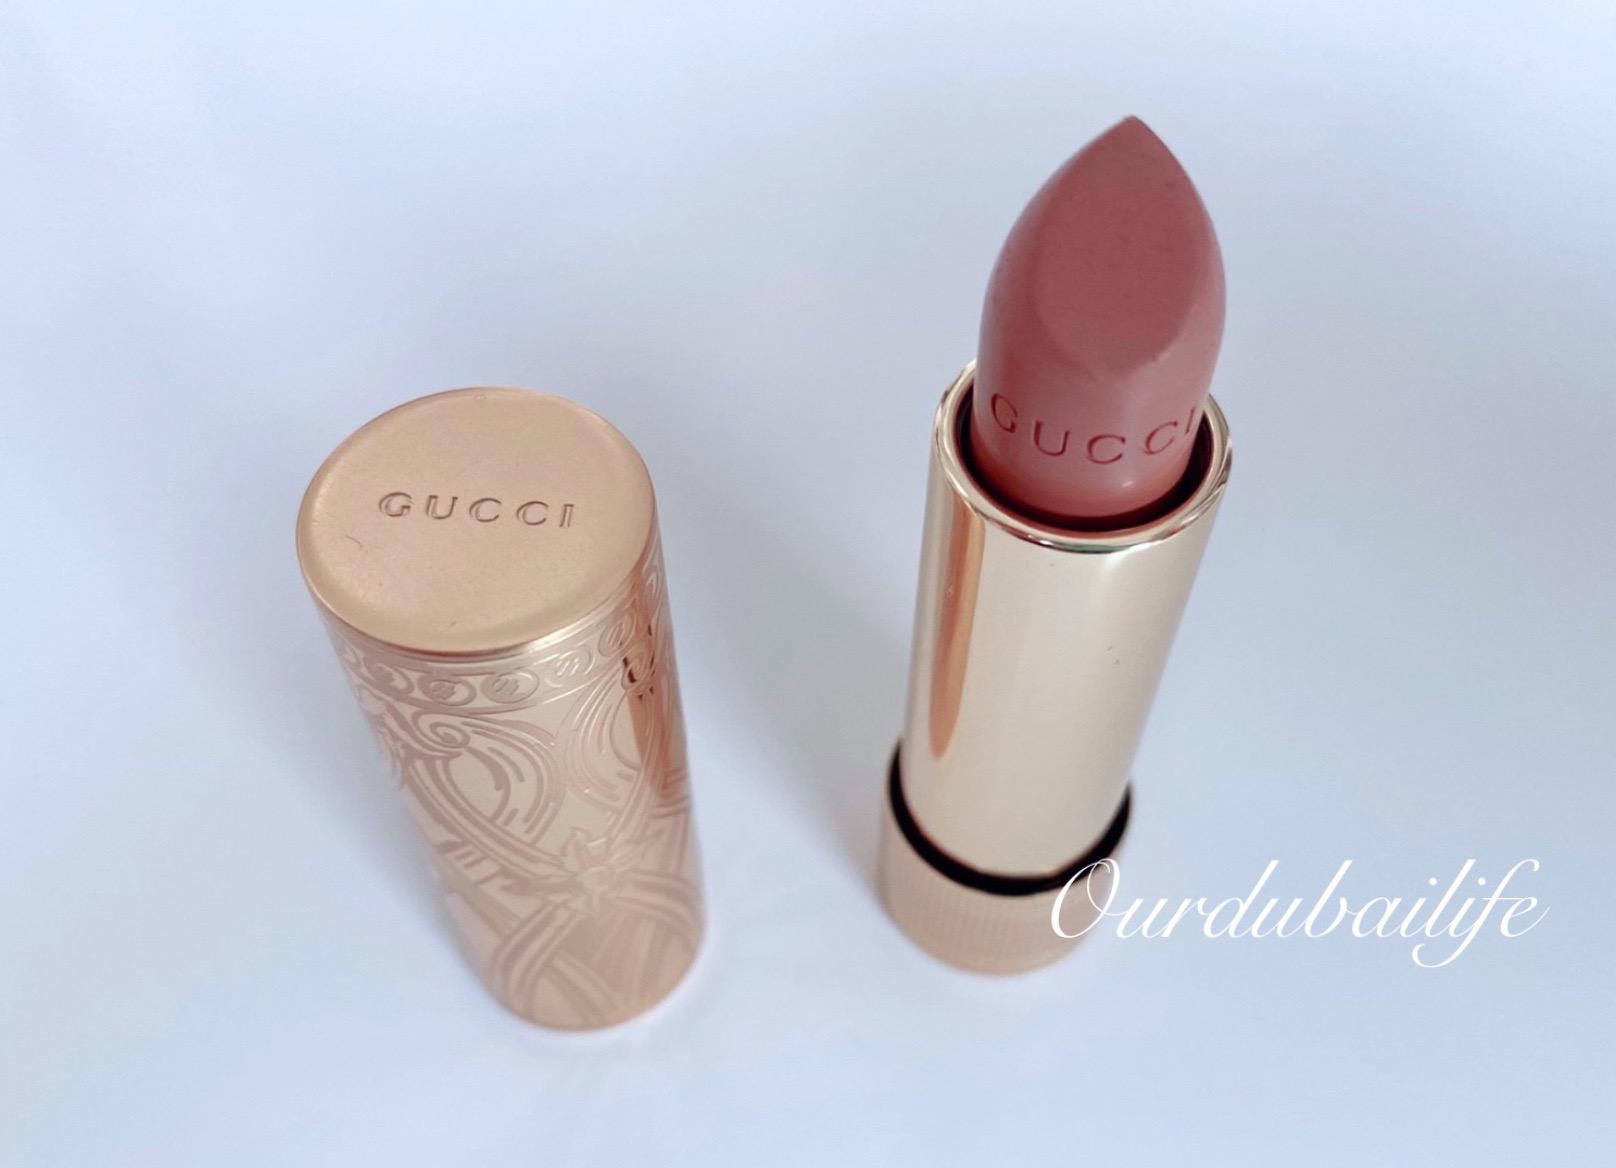 Gucci lipstick 2020 Rouge à Lèvres Satin Lipstick - Shade 103 : Carol Beige